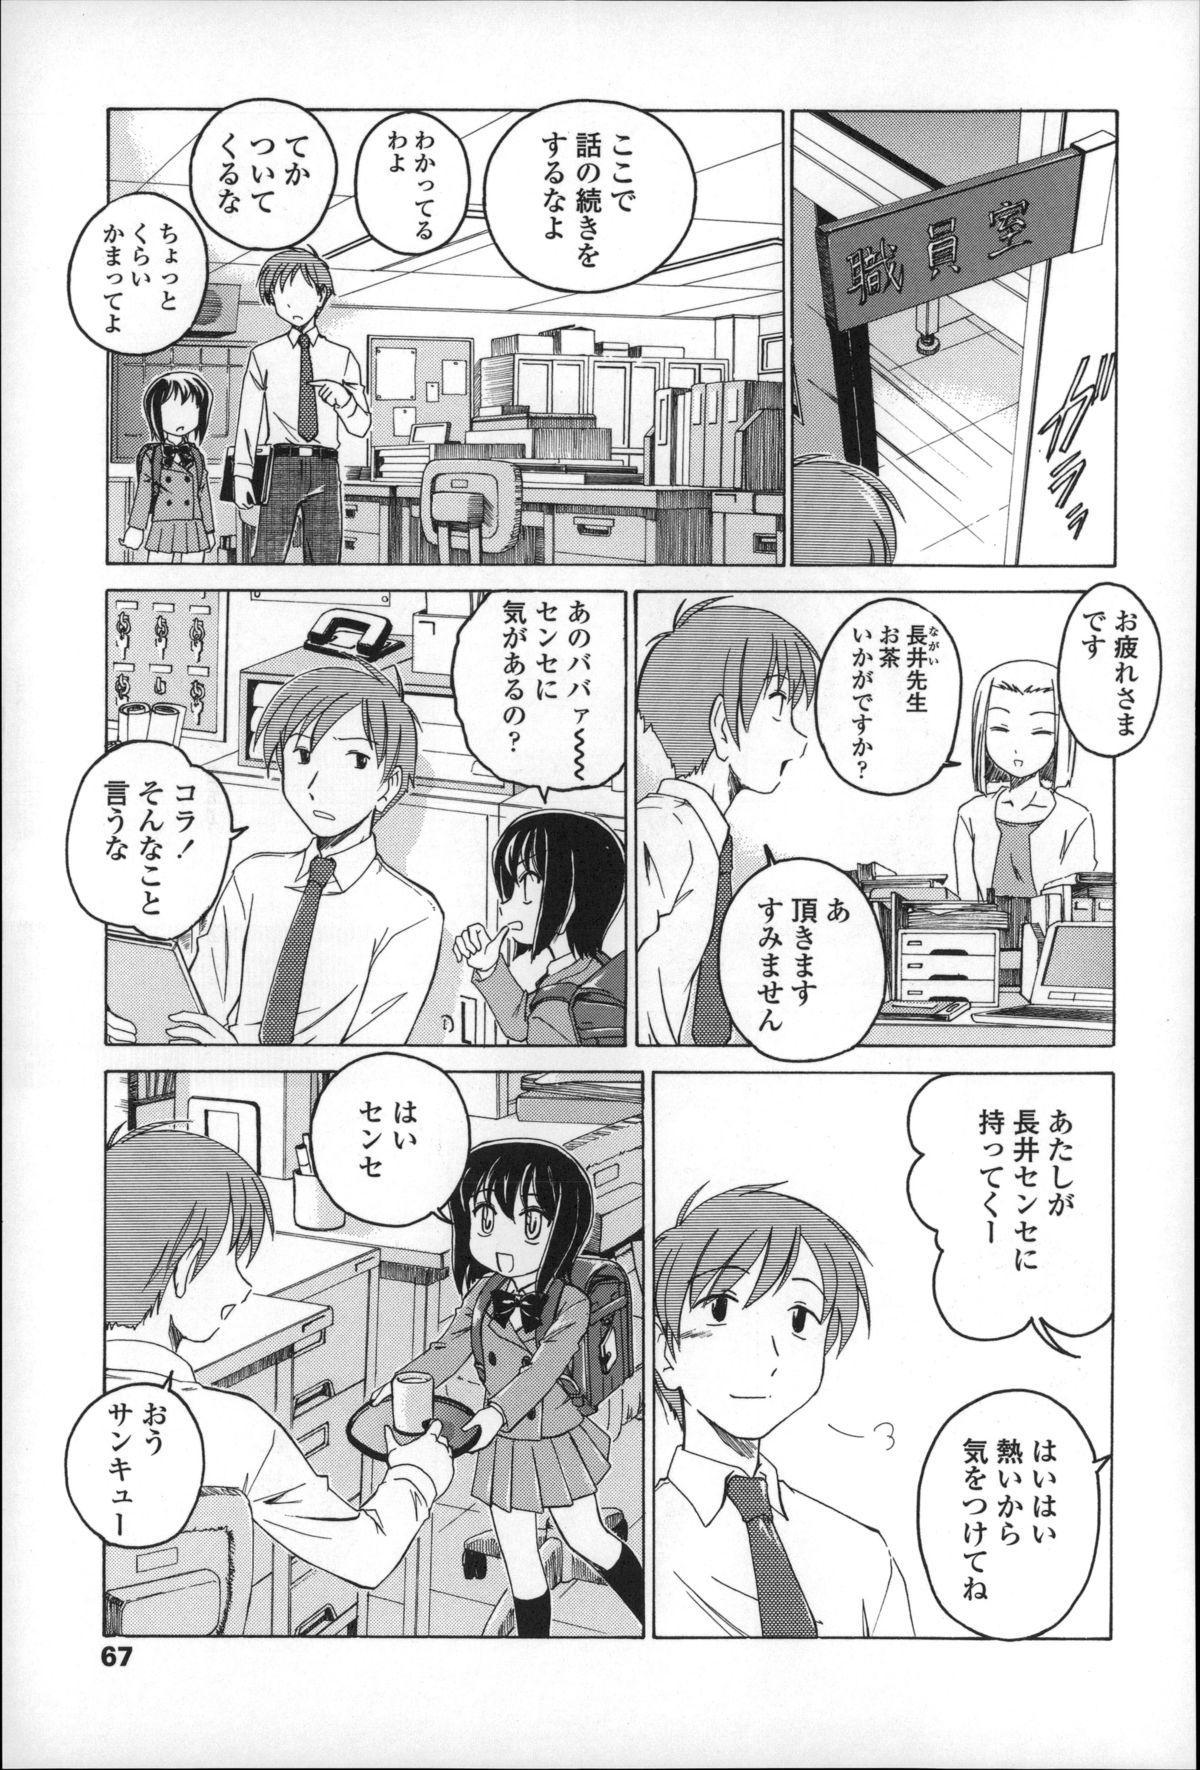 Youshou no Hana no Himitsu - The secret of Girls flowers 70